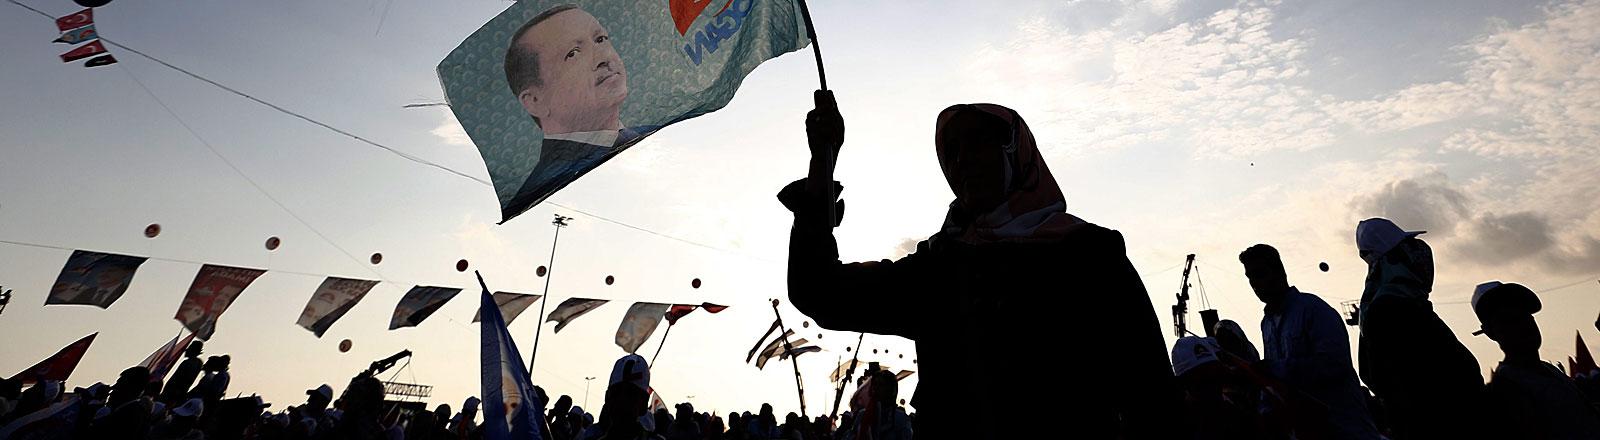 Erdogan-Anhänger halten Fahnen mit dem Portrait des Präsidentschaftskandidaten hoch